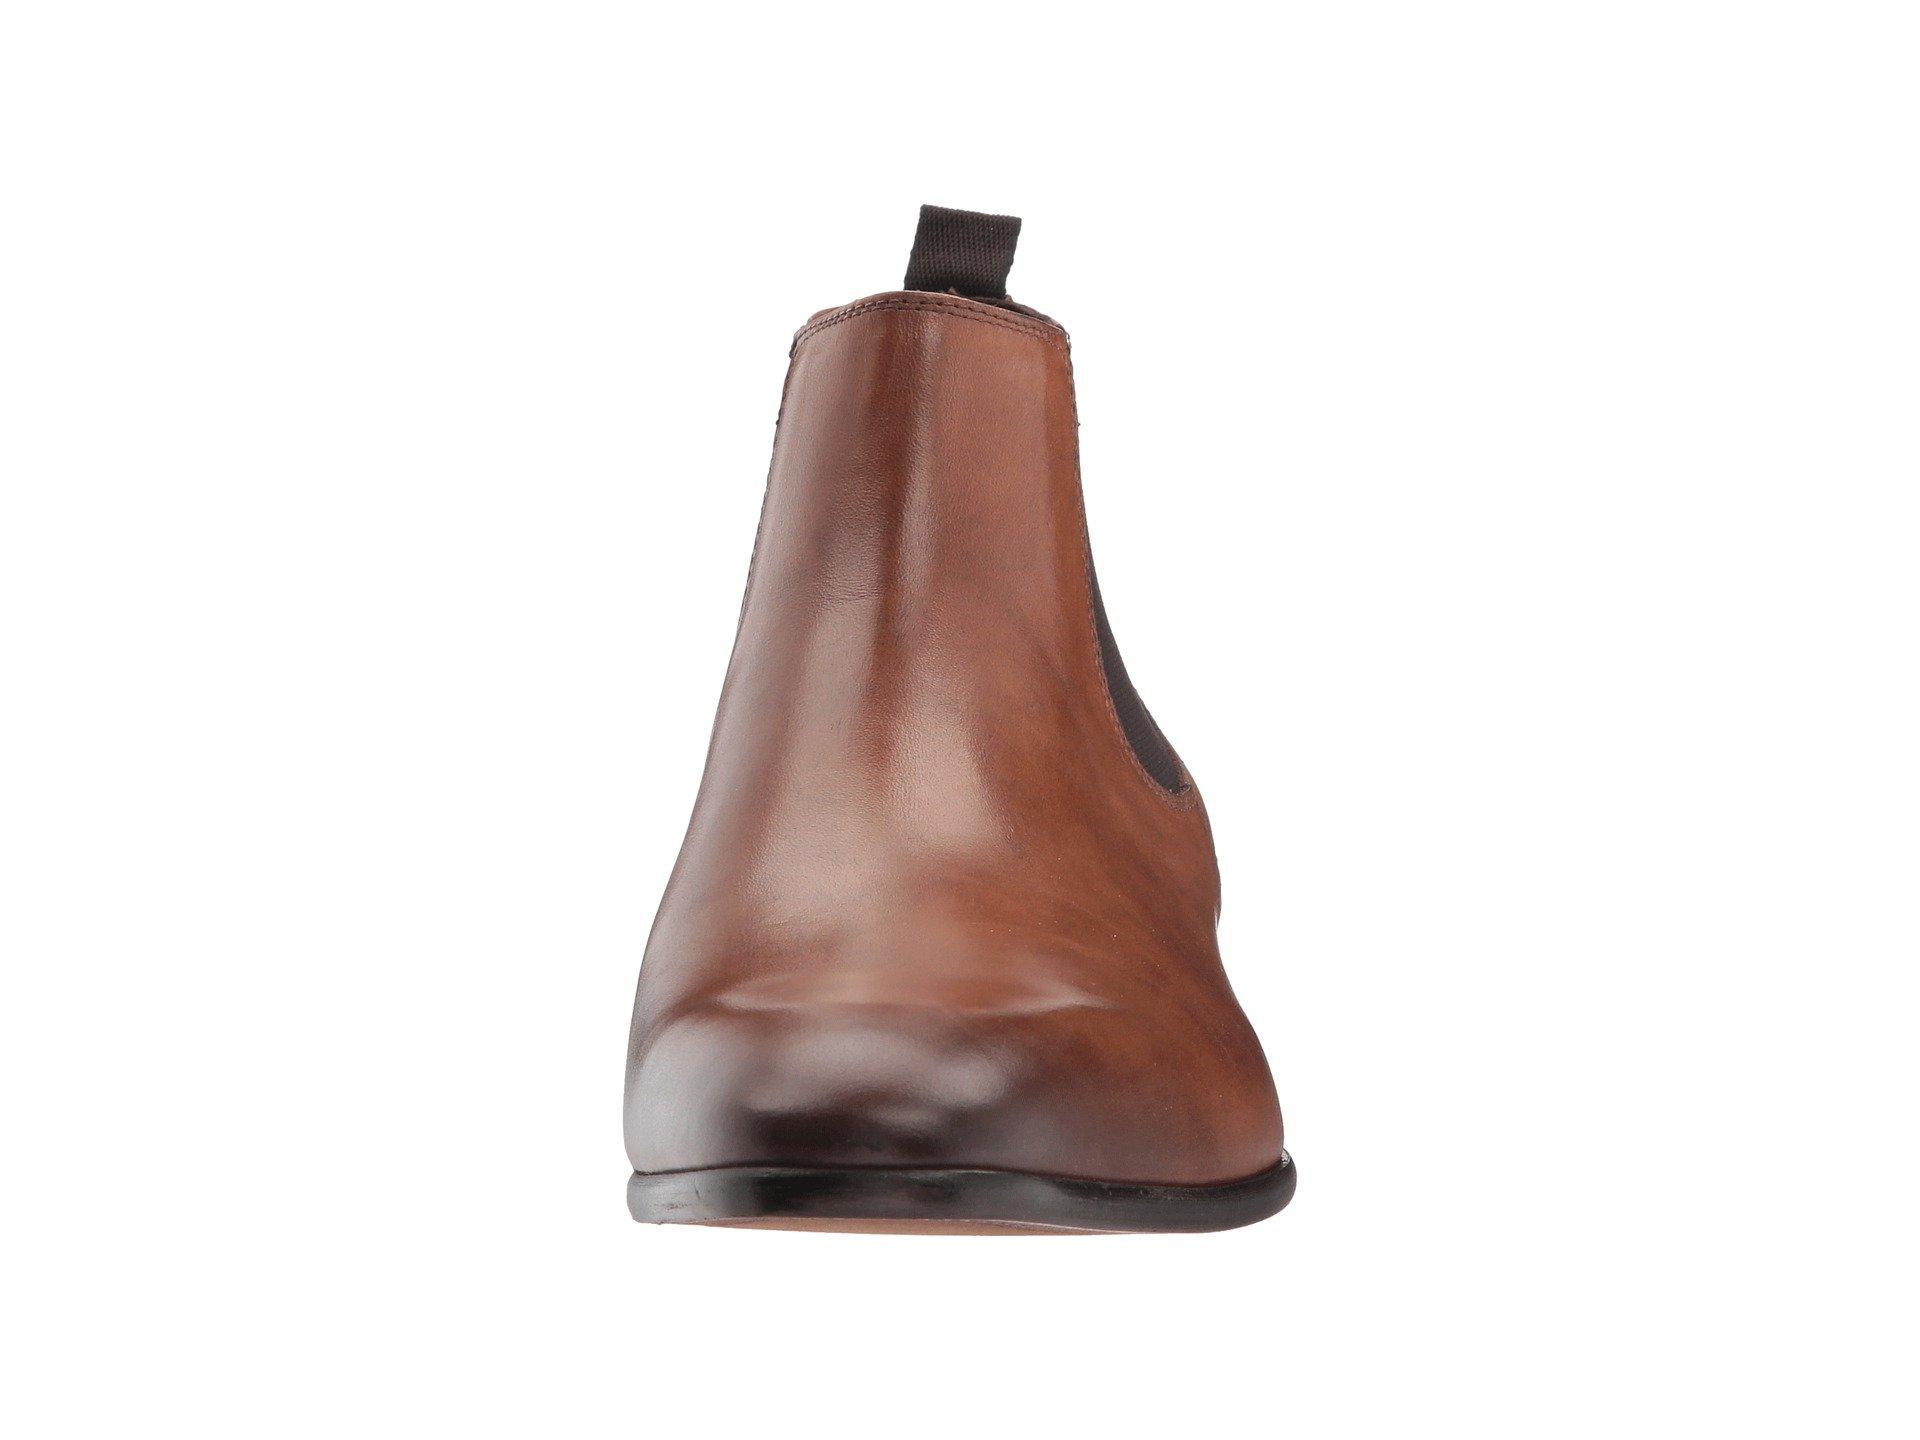 1920x1440 Bruno Magli Donato Colorcognac Leather Upper In A Chelsea Boot